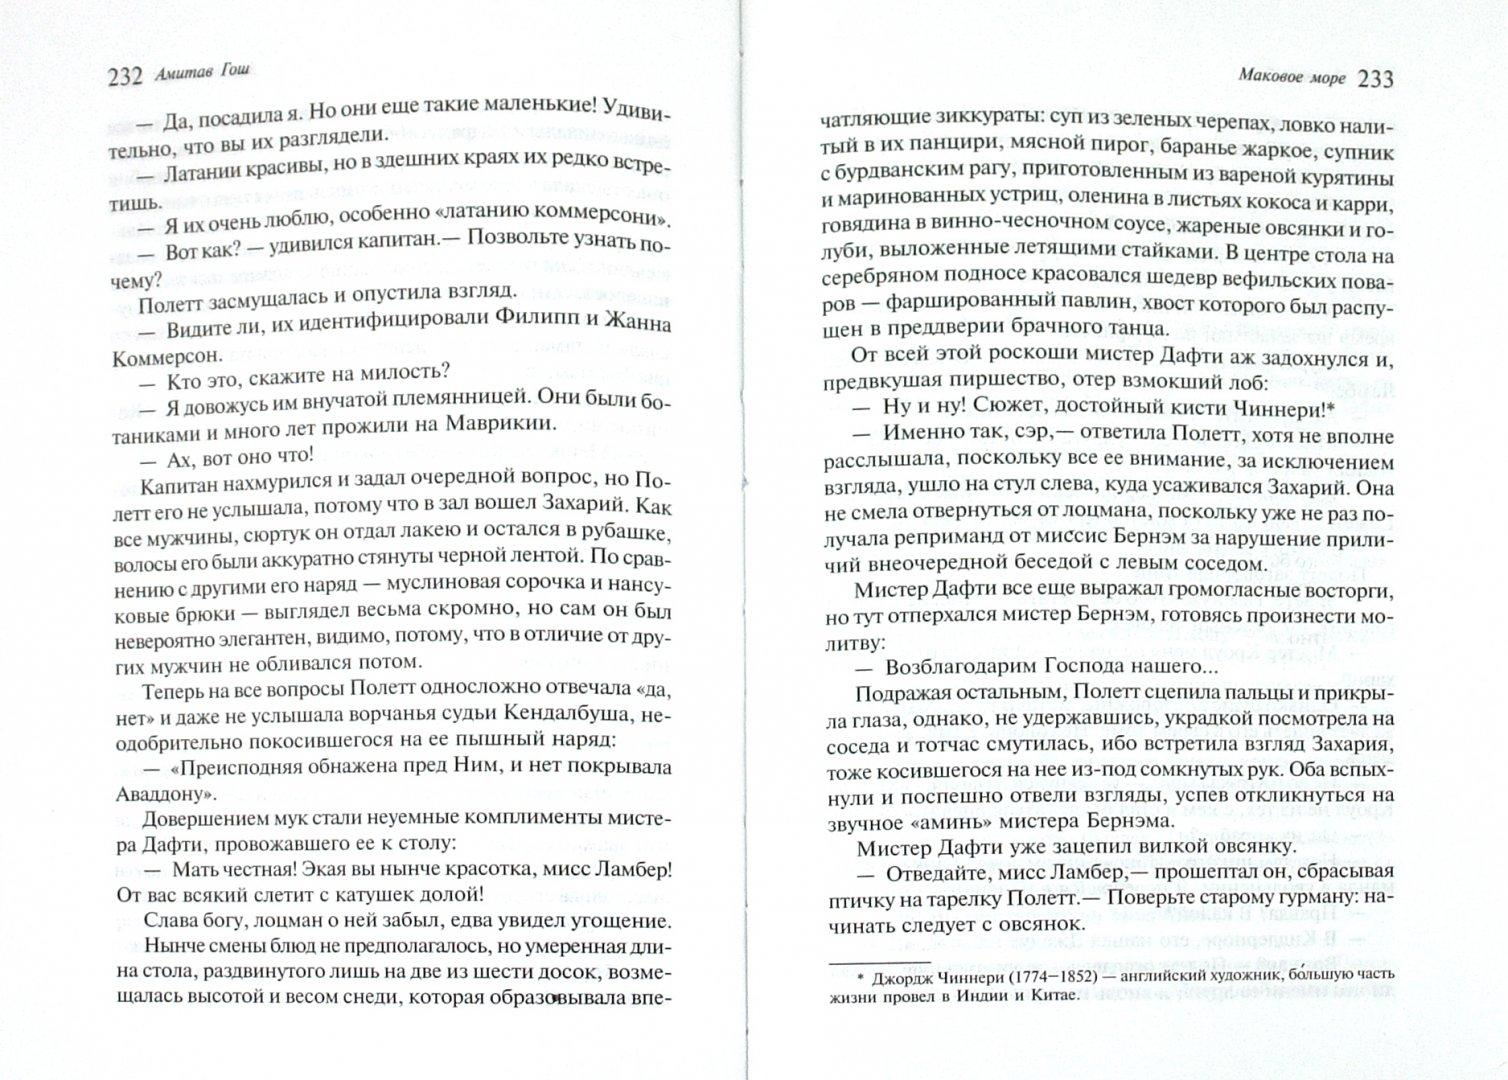 Иллюстрация 1 из 11 для Маковое море - Амитав Гош | Лабиринт - книги. Источник: Лабиринт